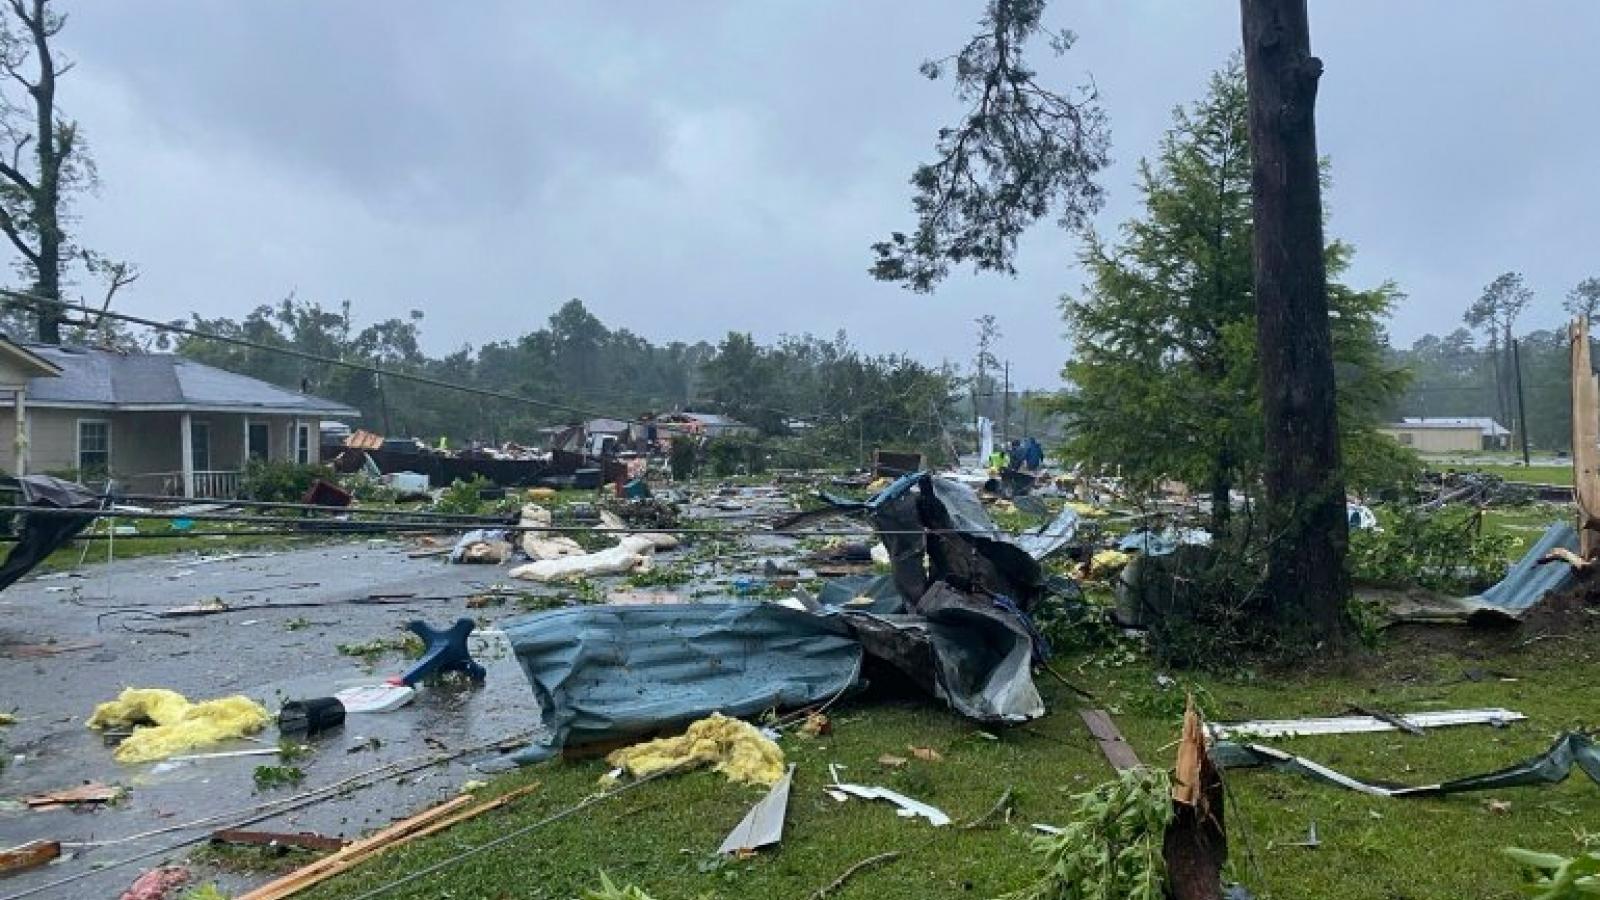 Ít nhất 14 người thiệt mạng do bão nhiệt đới Claudette ở Mỹ